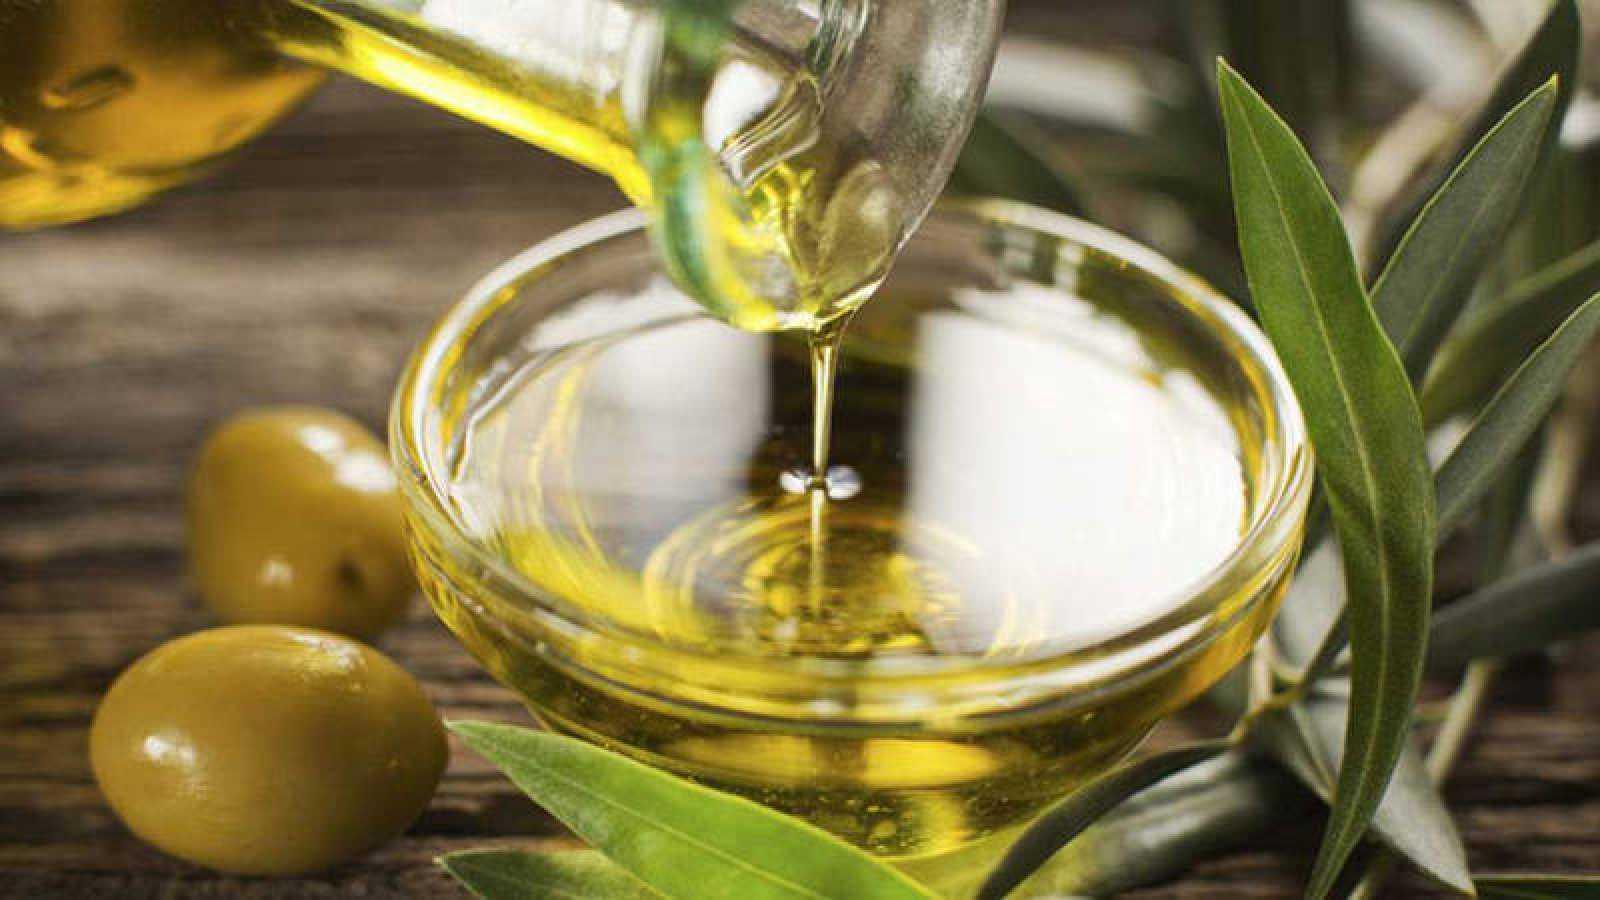 El estudio destaca, por primera vez, el papel beneficioso del consumo regular de aceite de oliva para la protección de los huesos.